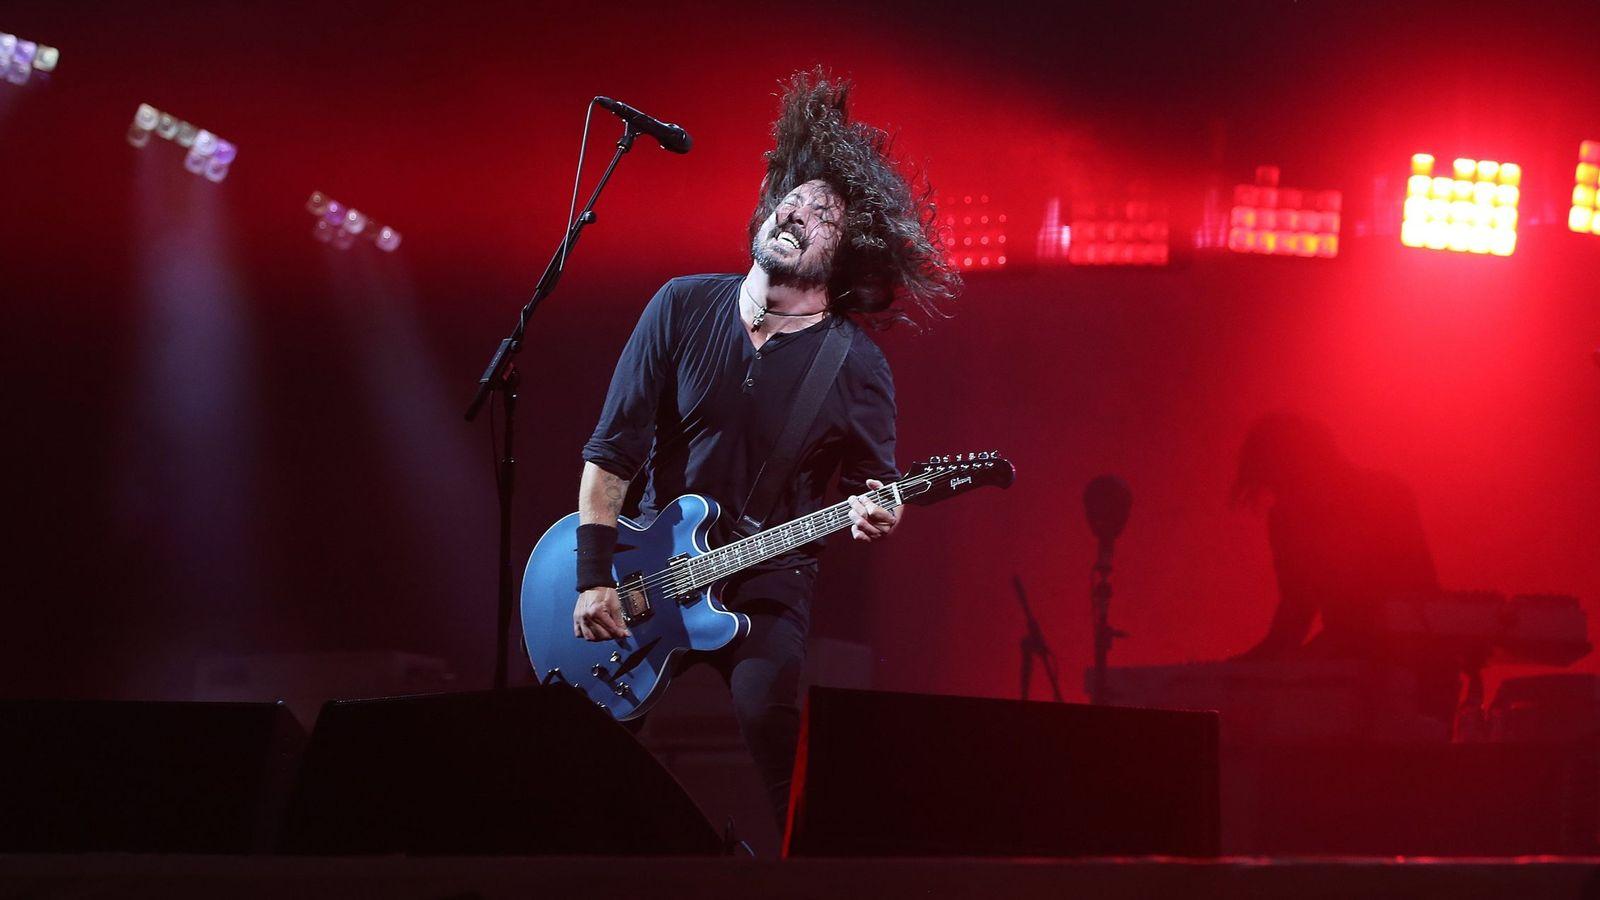 Foto: Dave Grohl, de Foo Fighters, en acción. (Reuters)